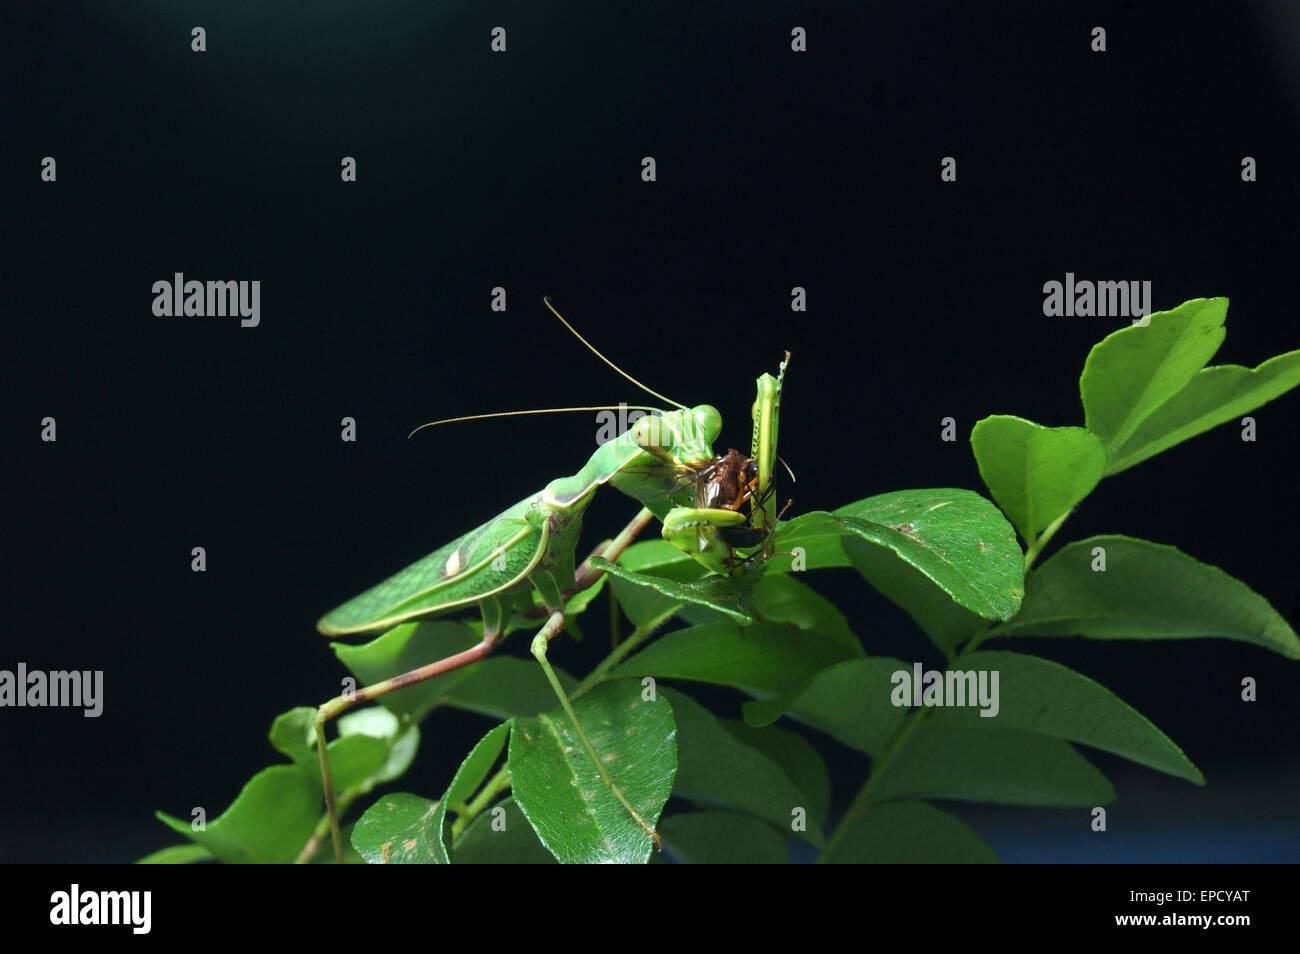 Gottesanbeterin, Essen und anderen Insekten in Tamil Nadu, Südindien entdeckt Stockbild